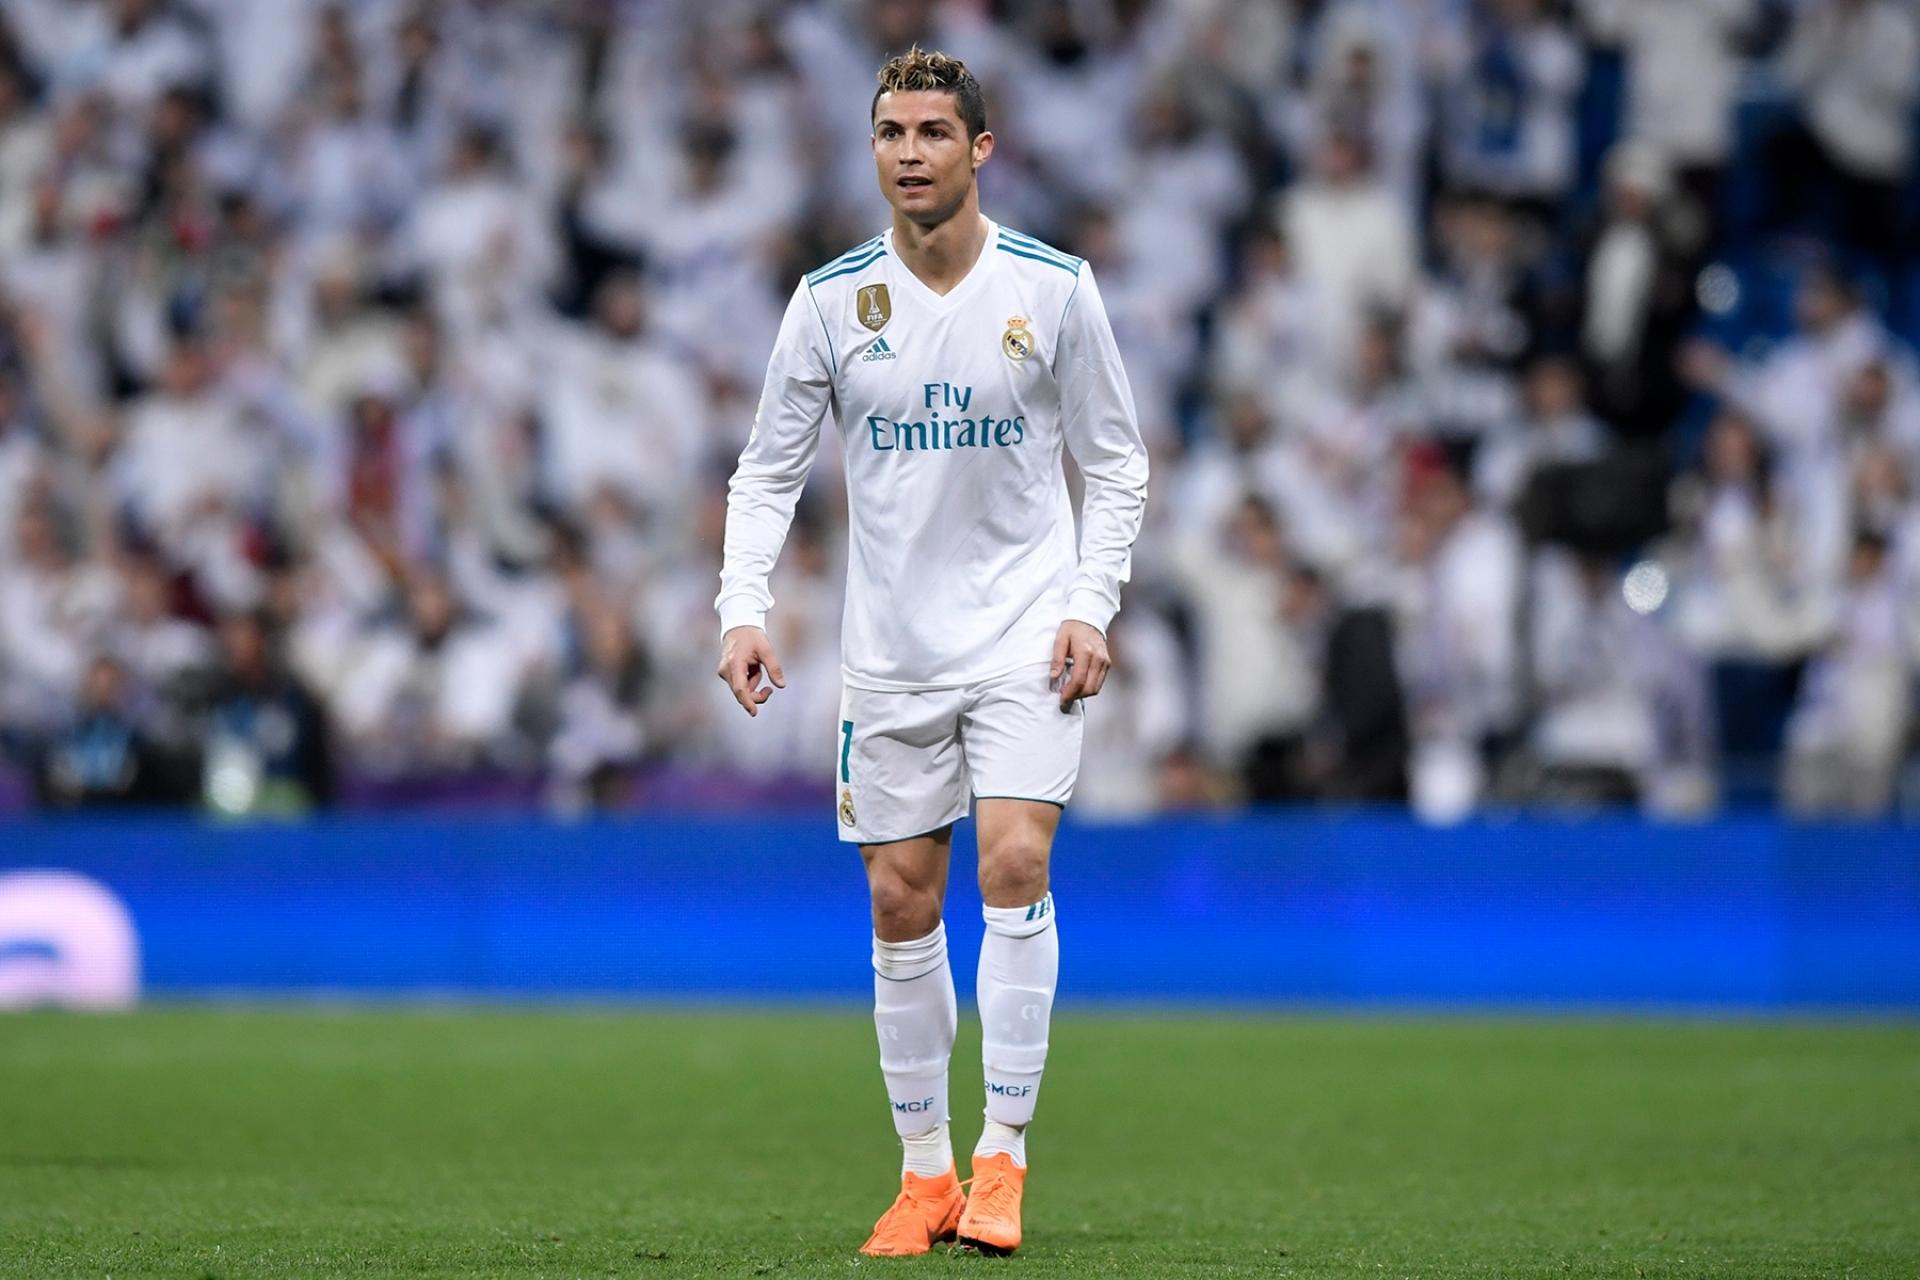 صورة صور كرستيانو 2019 , اجمل صور لاعب الكرة كريستيانو رونالدو